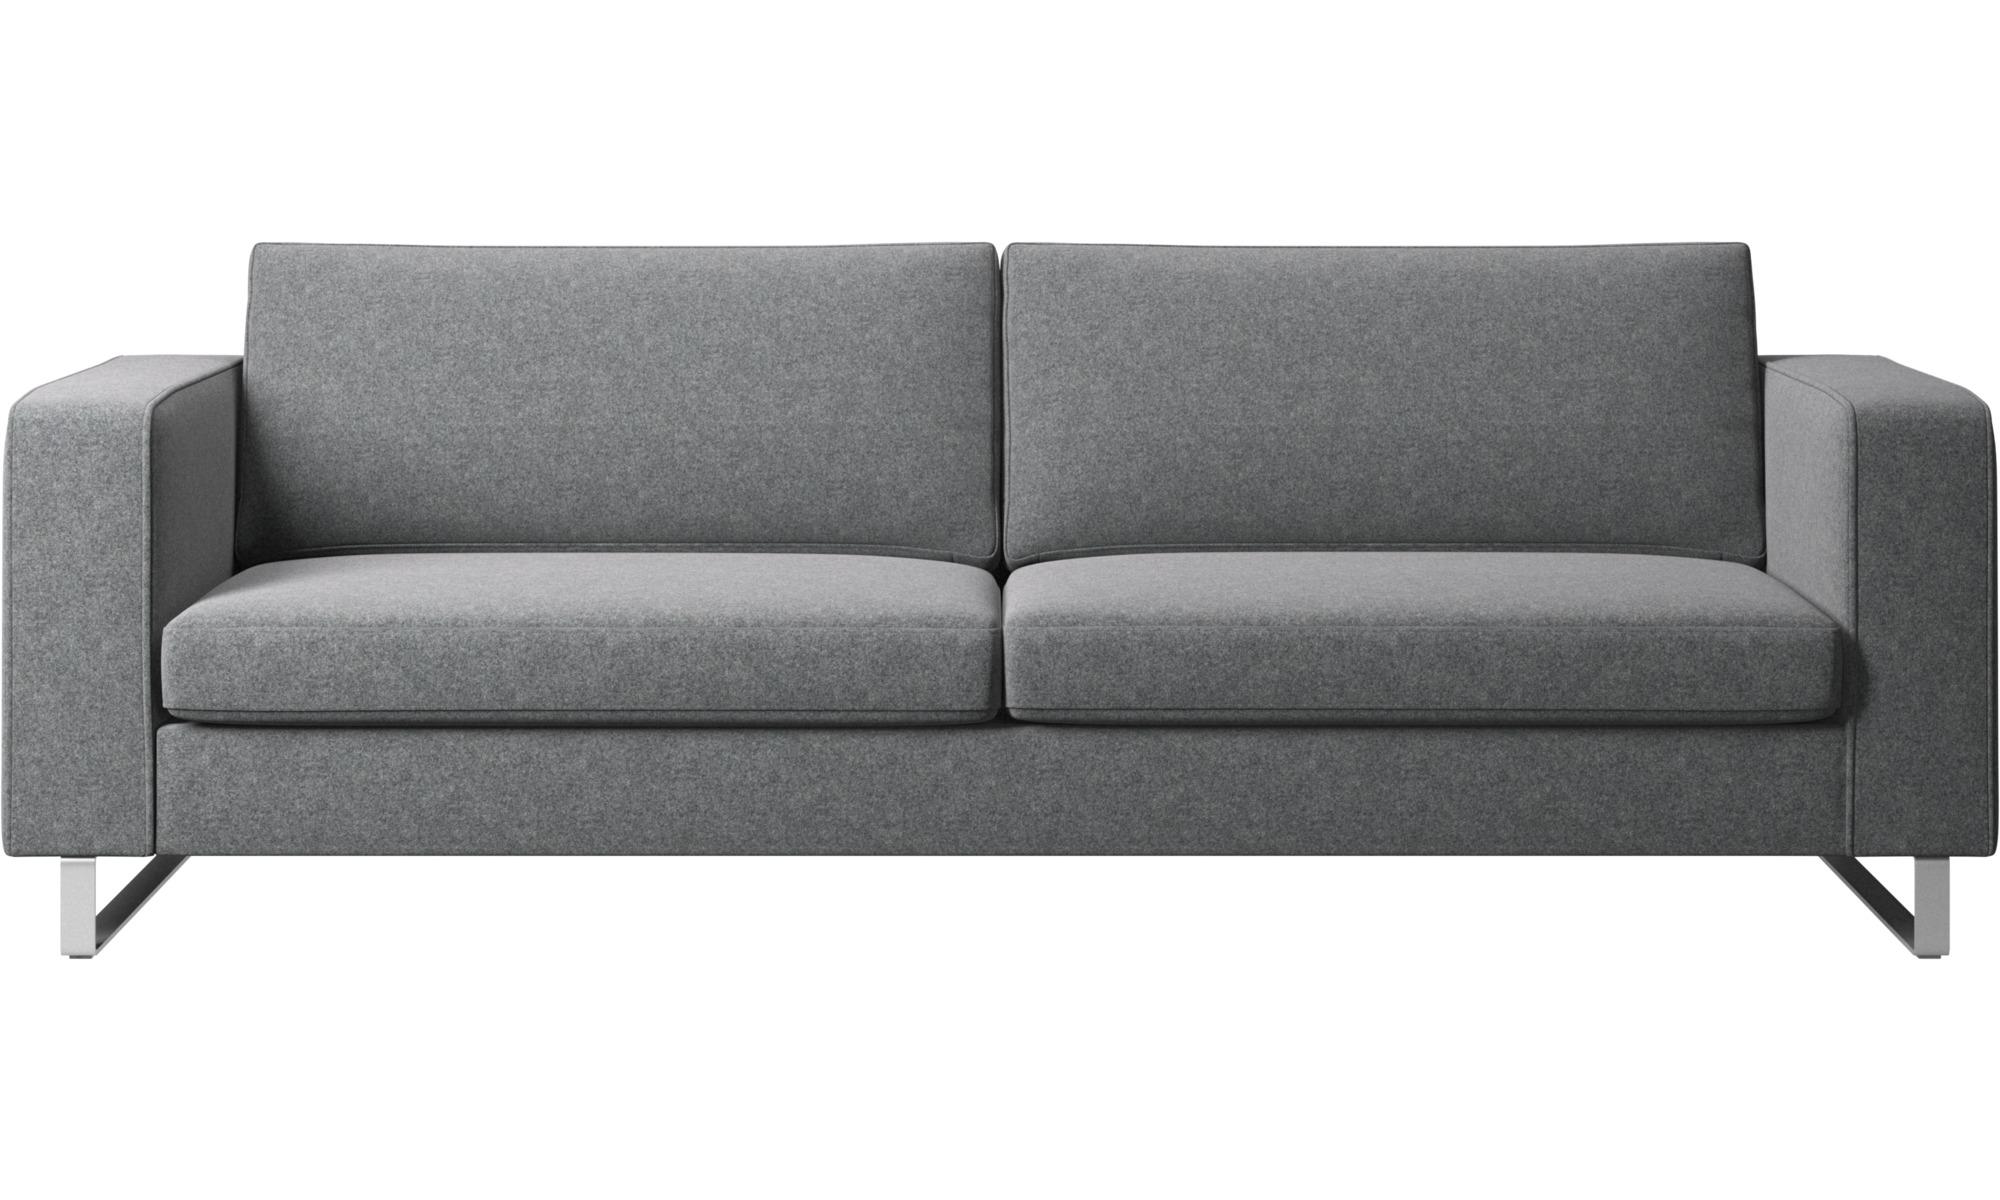 Sofy 3-osobowe - Sofa Indivi - Szary - Tkanina